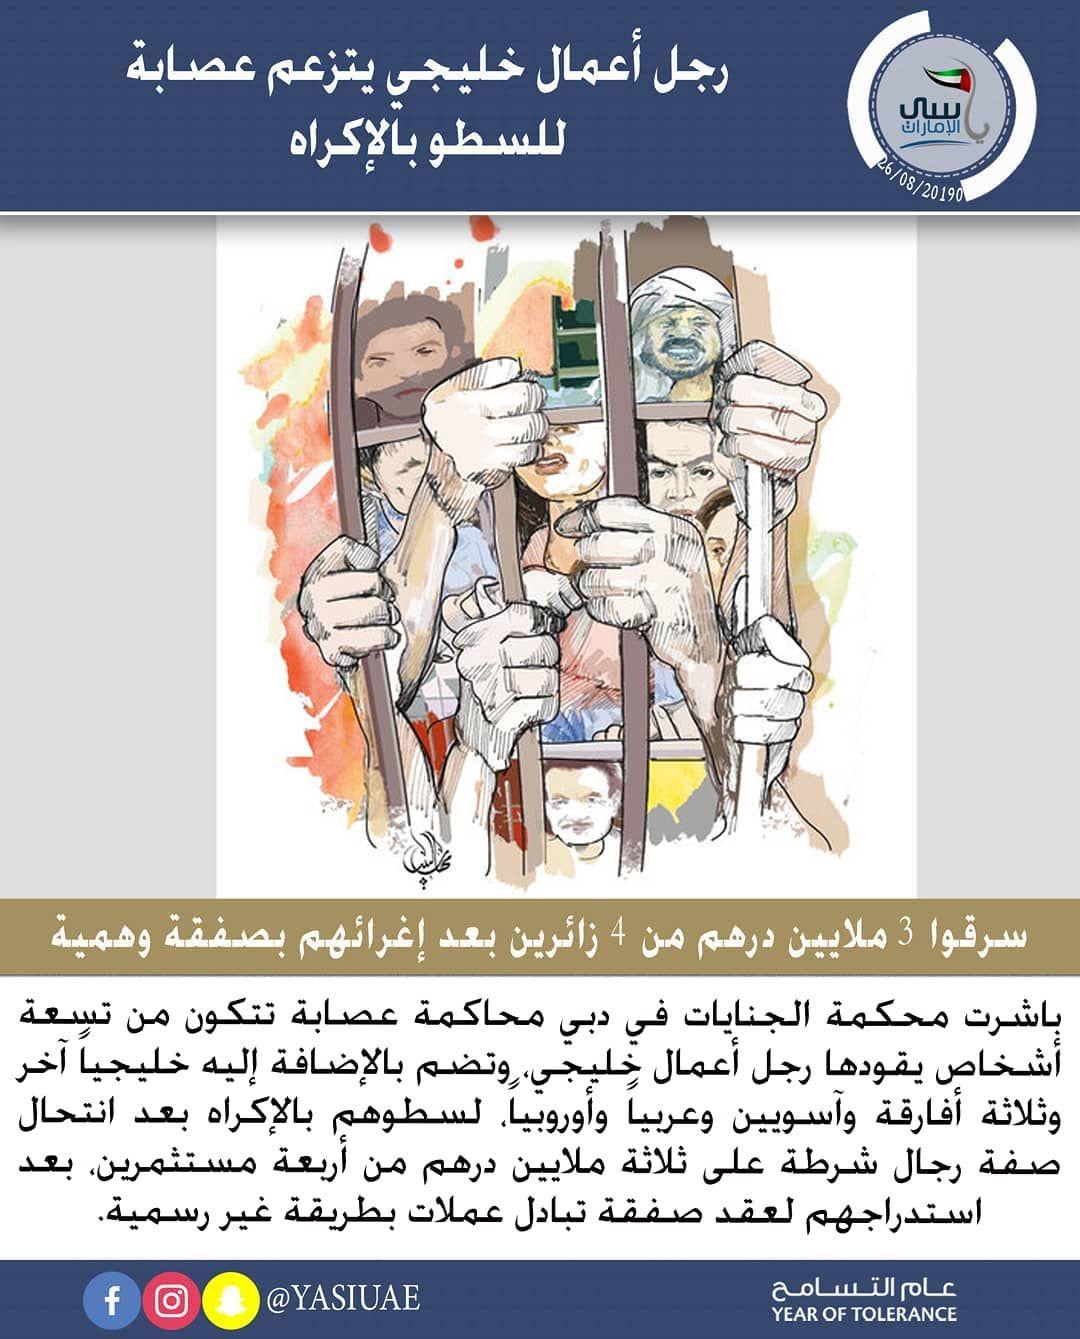 ياسي الامارات رجل أعمال خليجي يتزعم عصابة للسطو بالإكراه باشرت محكمة الجنايات في دبي محاكمة عصابة تتكون من تسعة أشخاص يقودها Pandora Screenshot Screenshots